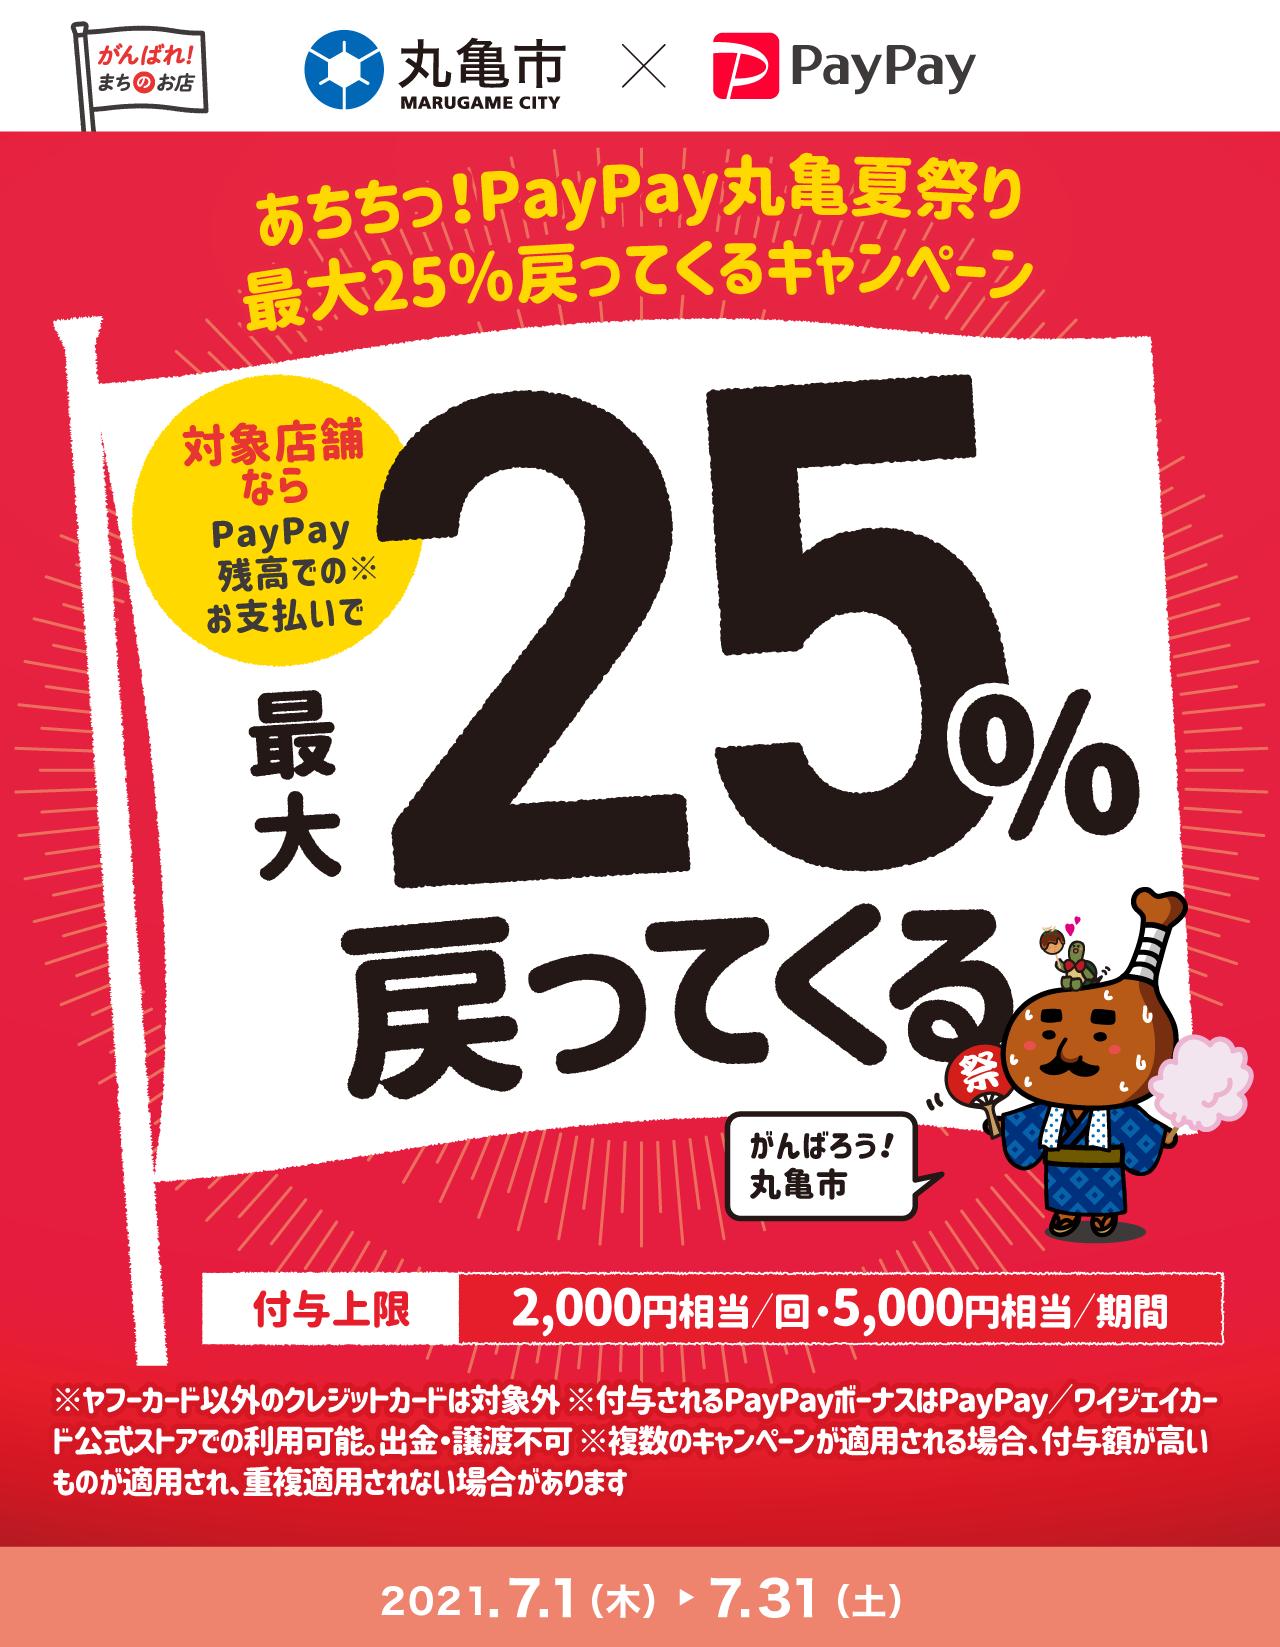 PayPay×丸亀☆最大25%帰ってくるキャンペーン